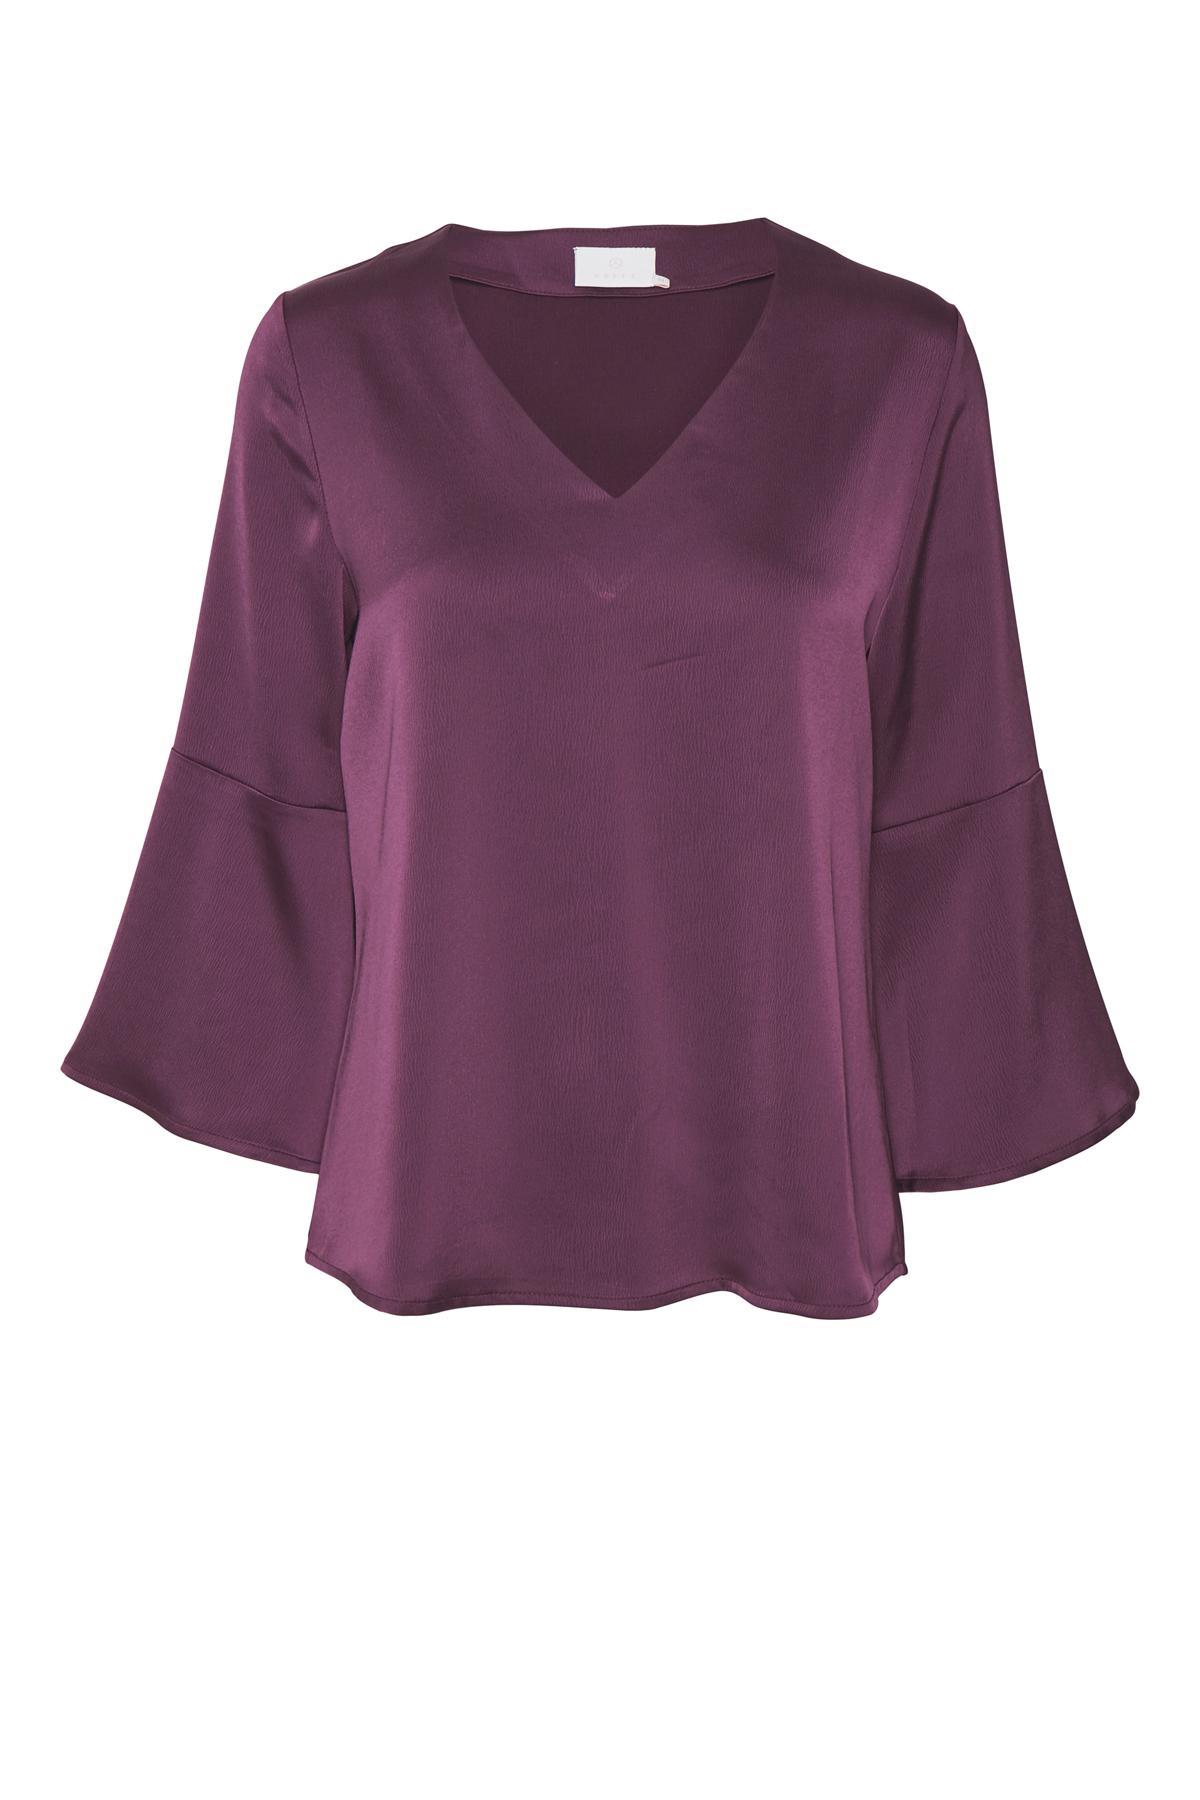 Dunkellila Langarm-Bluse von Kaffe – Shoppen Sie Dunkellila Langarm-Bluse ab Gr. 34-46 hier